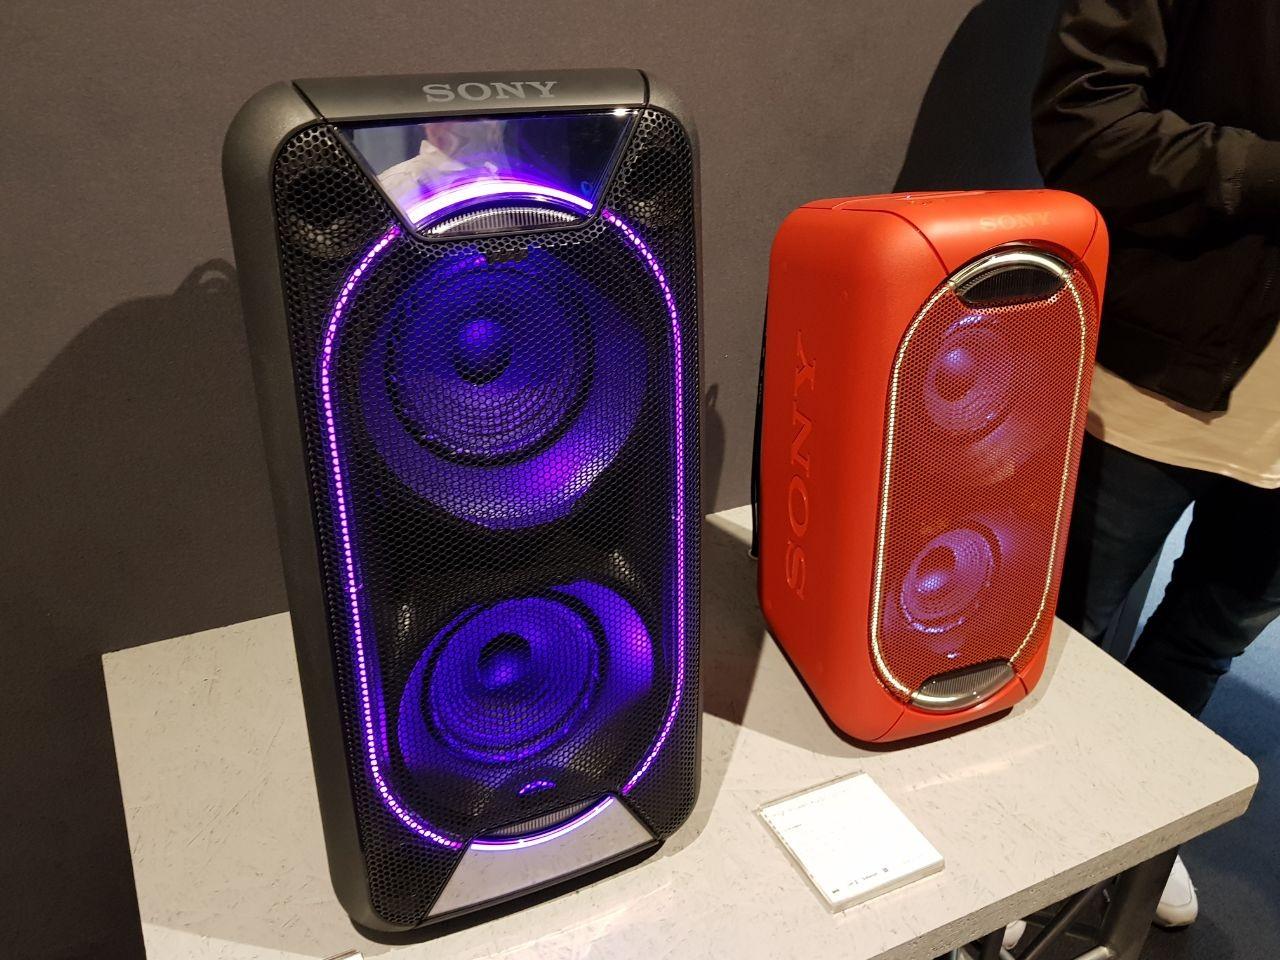 Sony GTK-XB90 - купить аудиосистему  цены, отзывы, характеристики    стоимость в магазинах Украины  Киев, Днепропетровск, Львов, Одесса 4b96a6a5f11